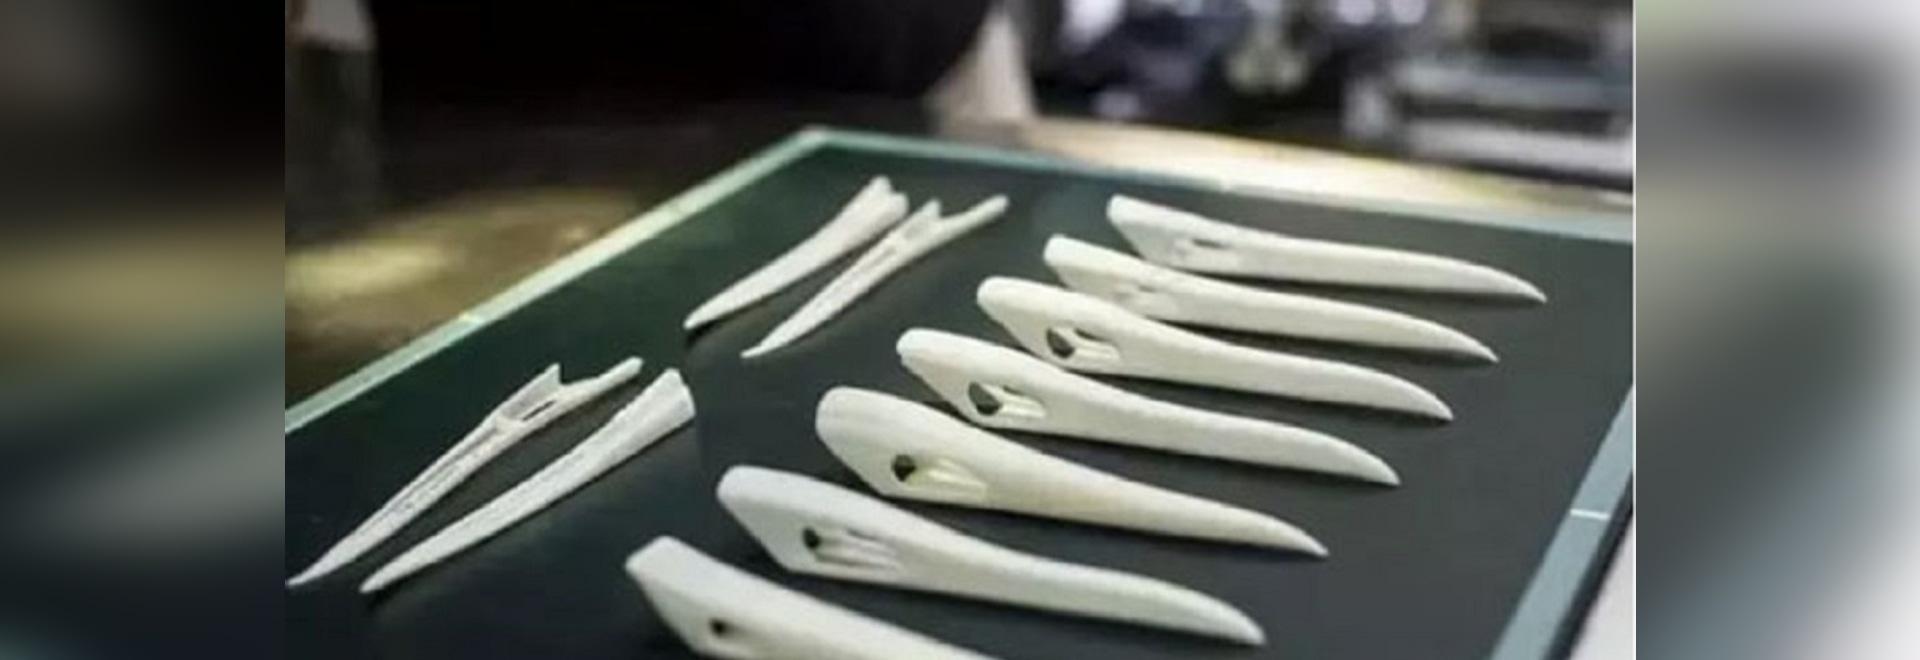 3D Printing Technology to Rejuvenate Injured Animals